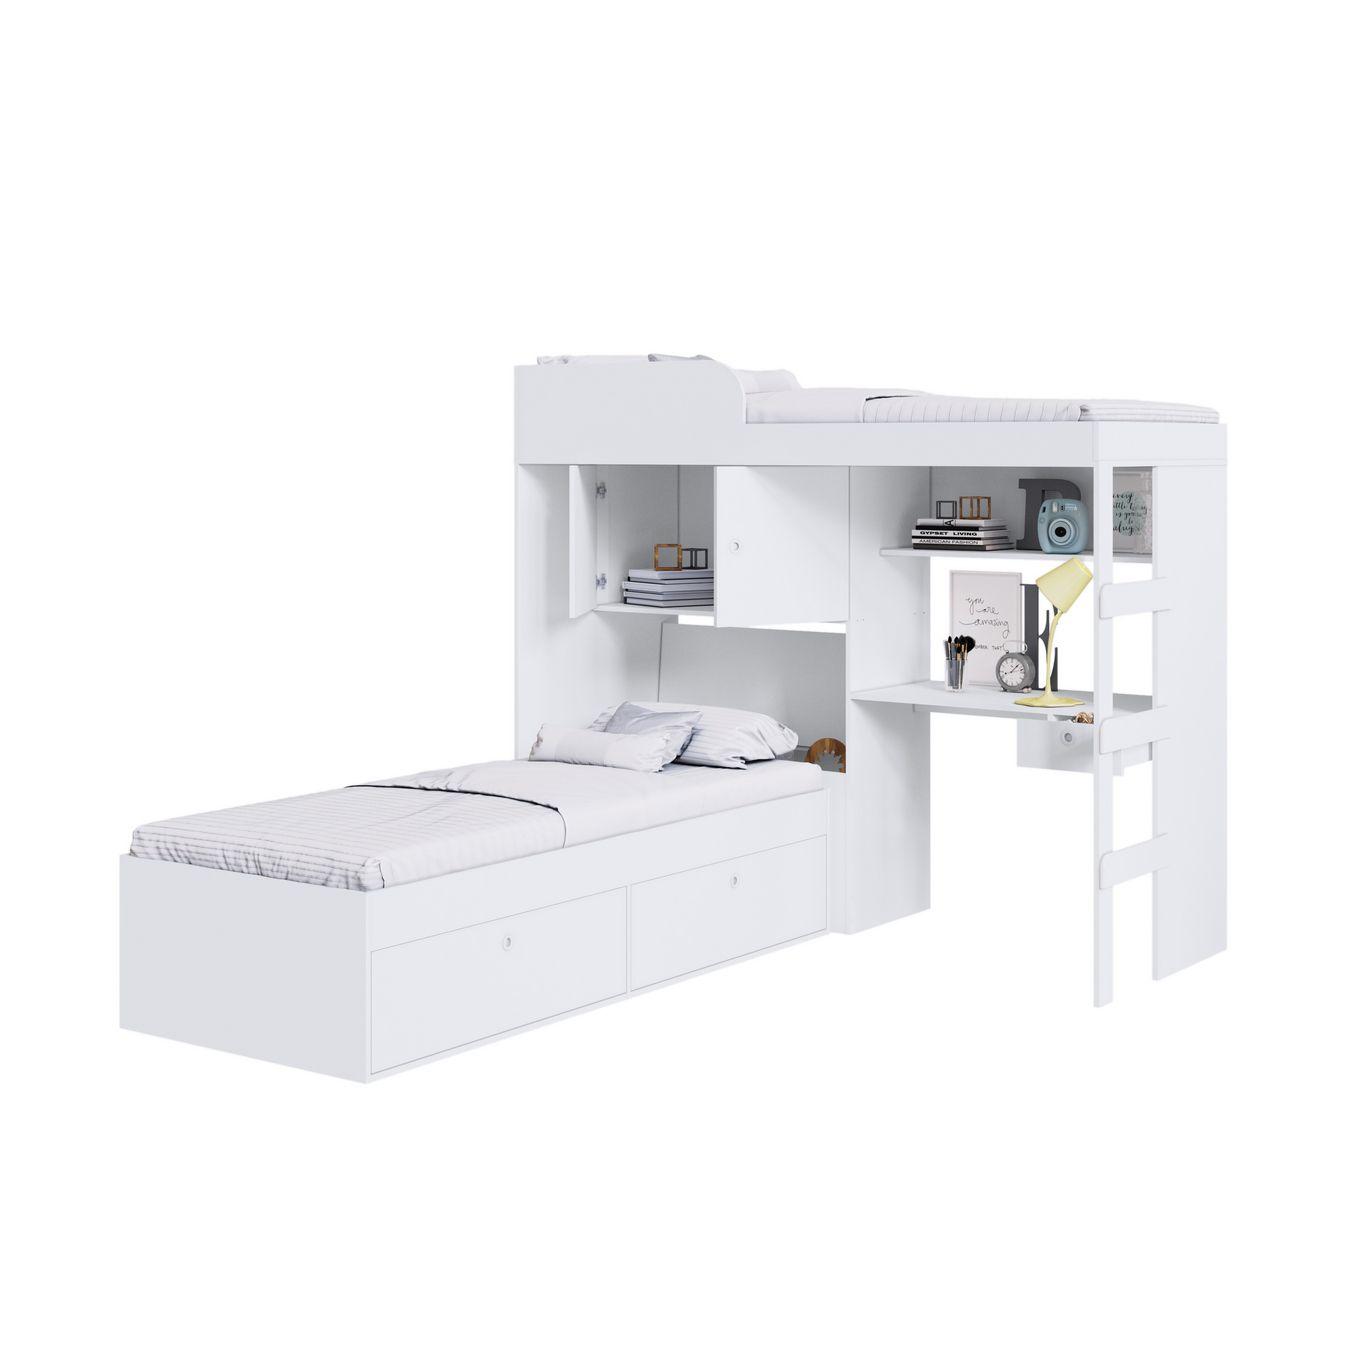 Quarto Juvenil com Cama Alta Lion e cama Tókio Branco - Art In Móveis